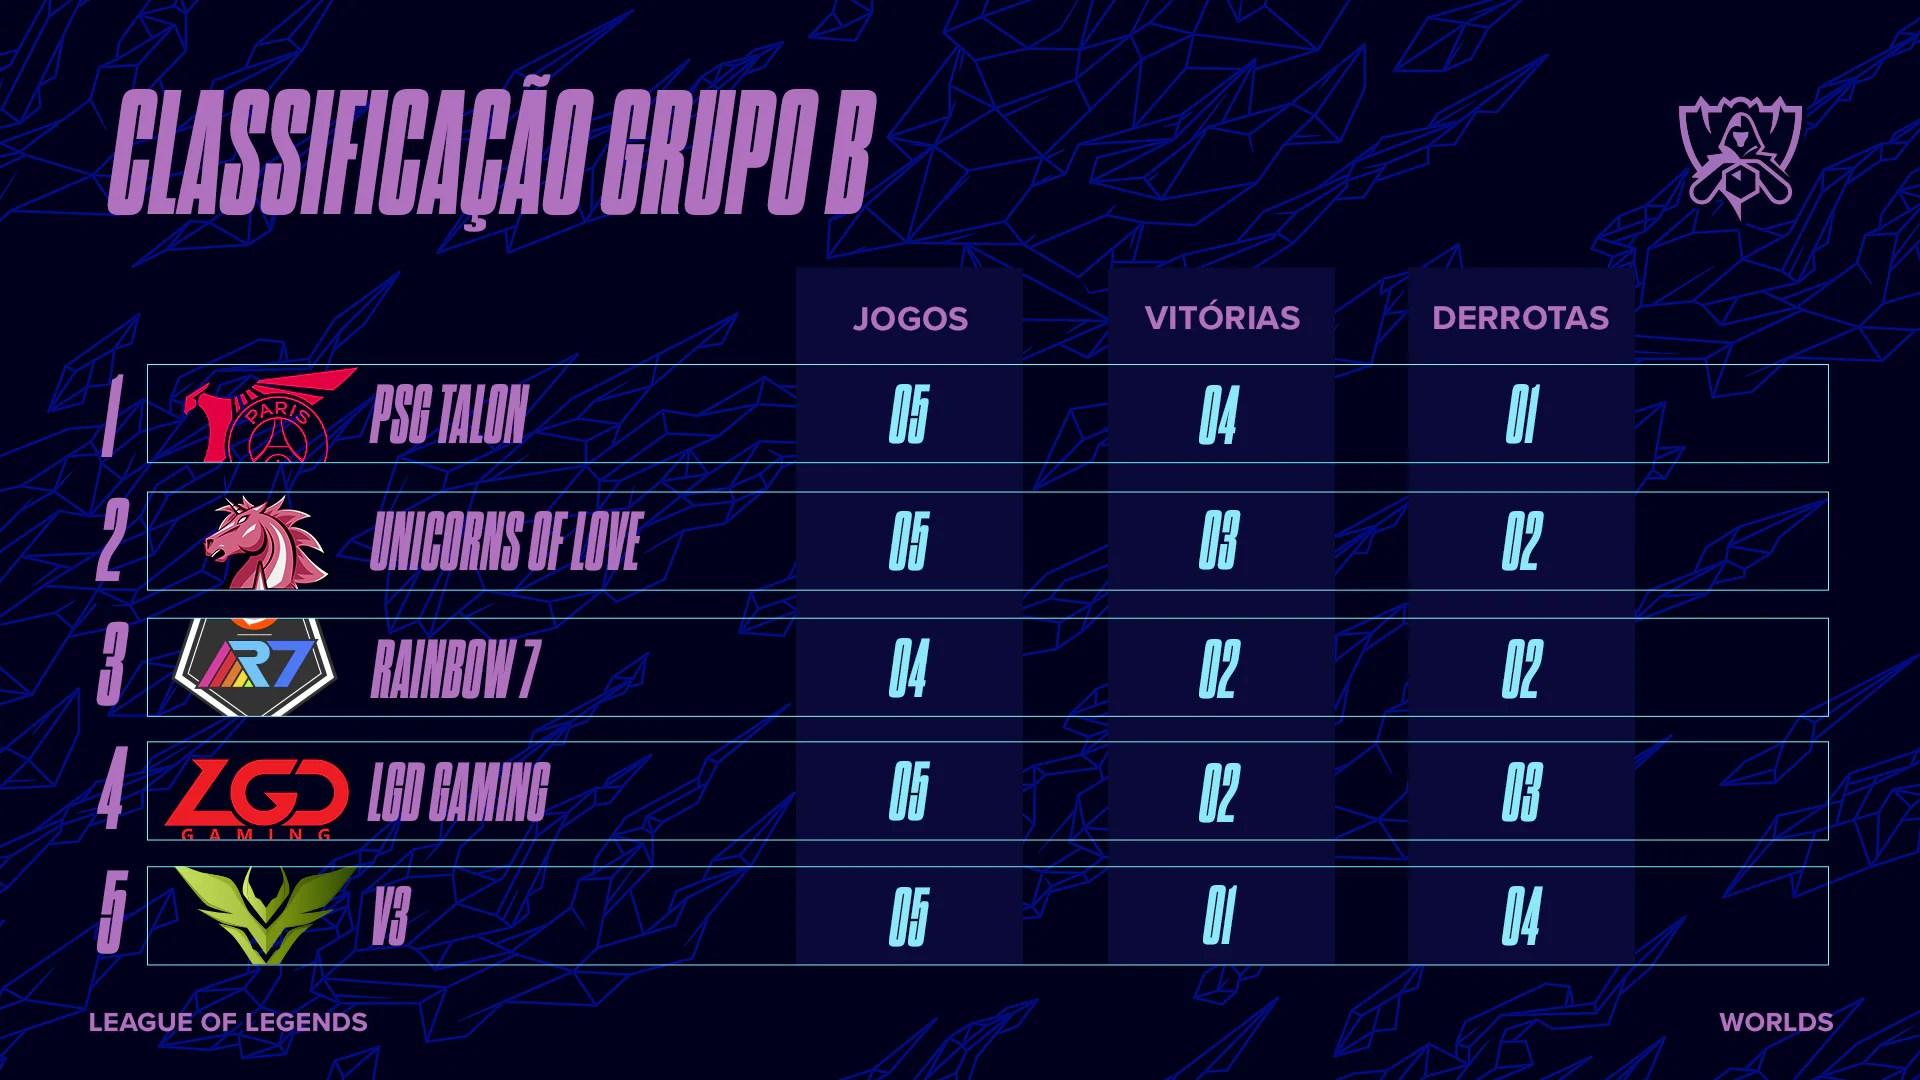 Classificação Grupo B